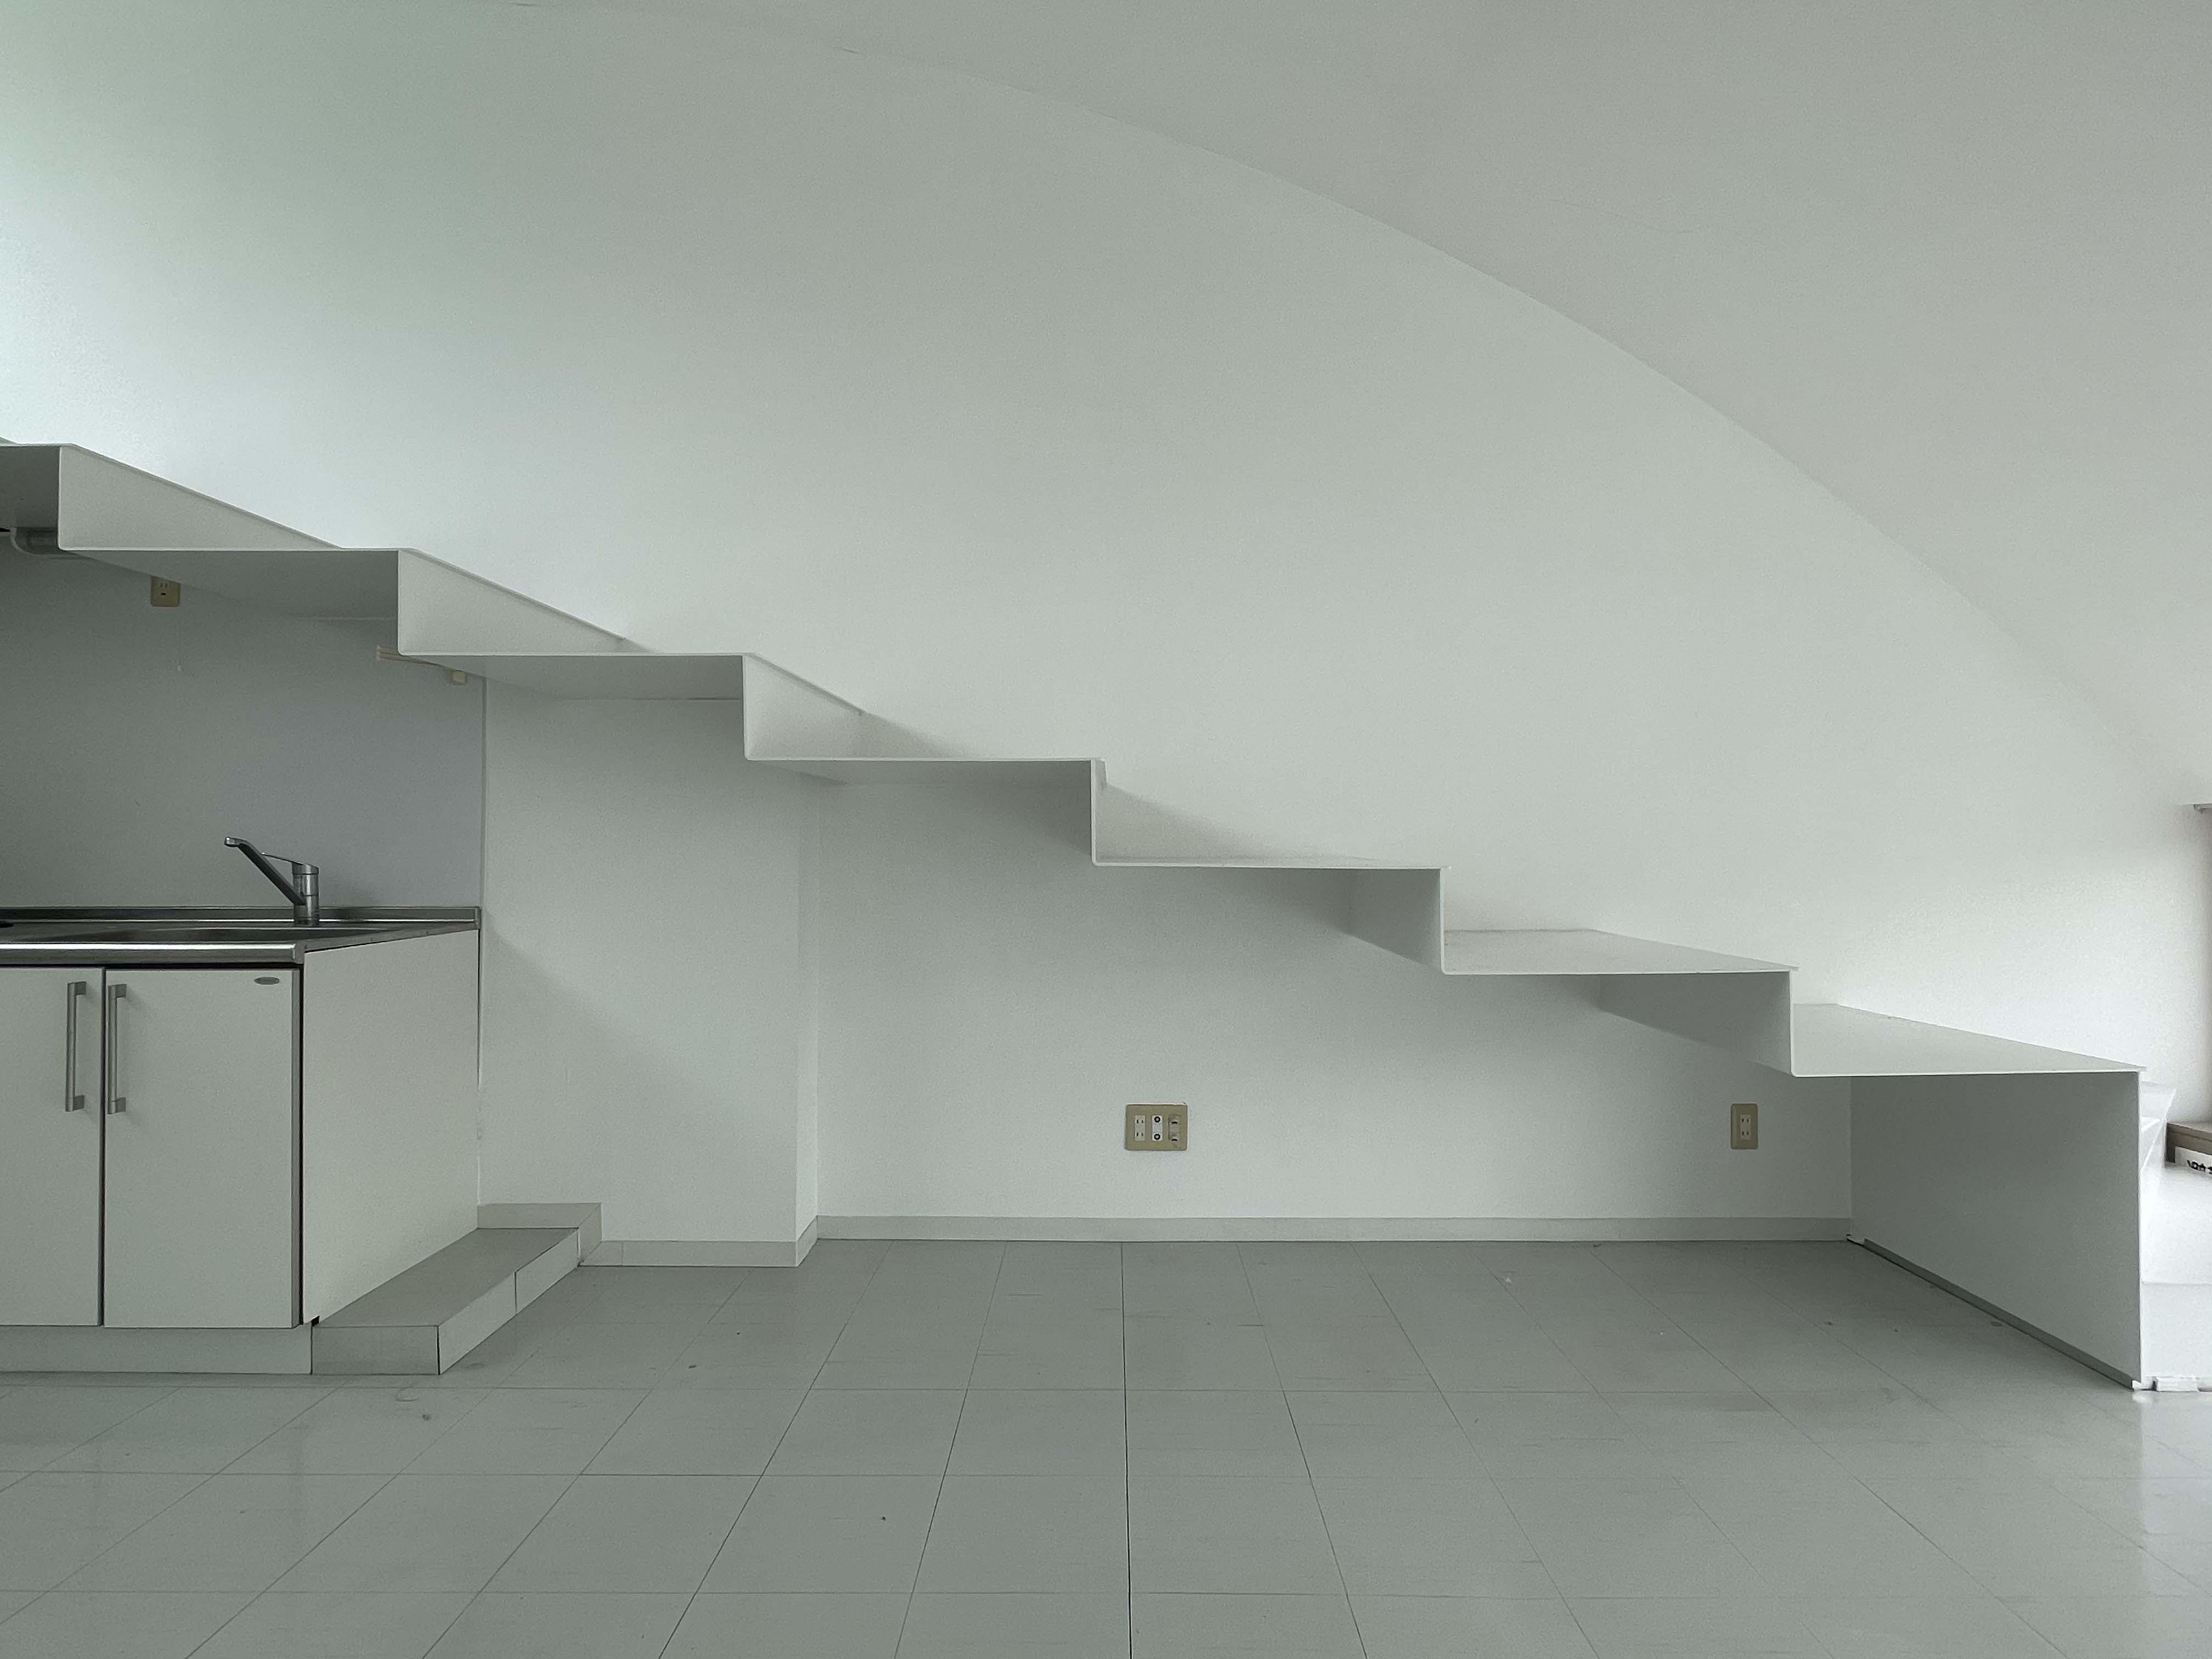 階段が壁から生えているよう。階段下に物を収納できます